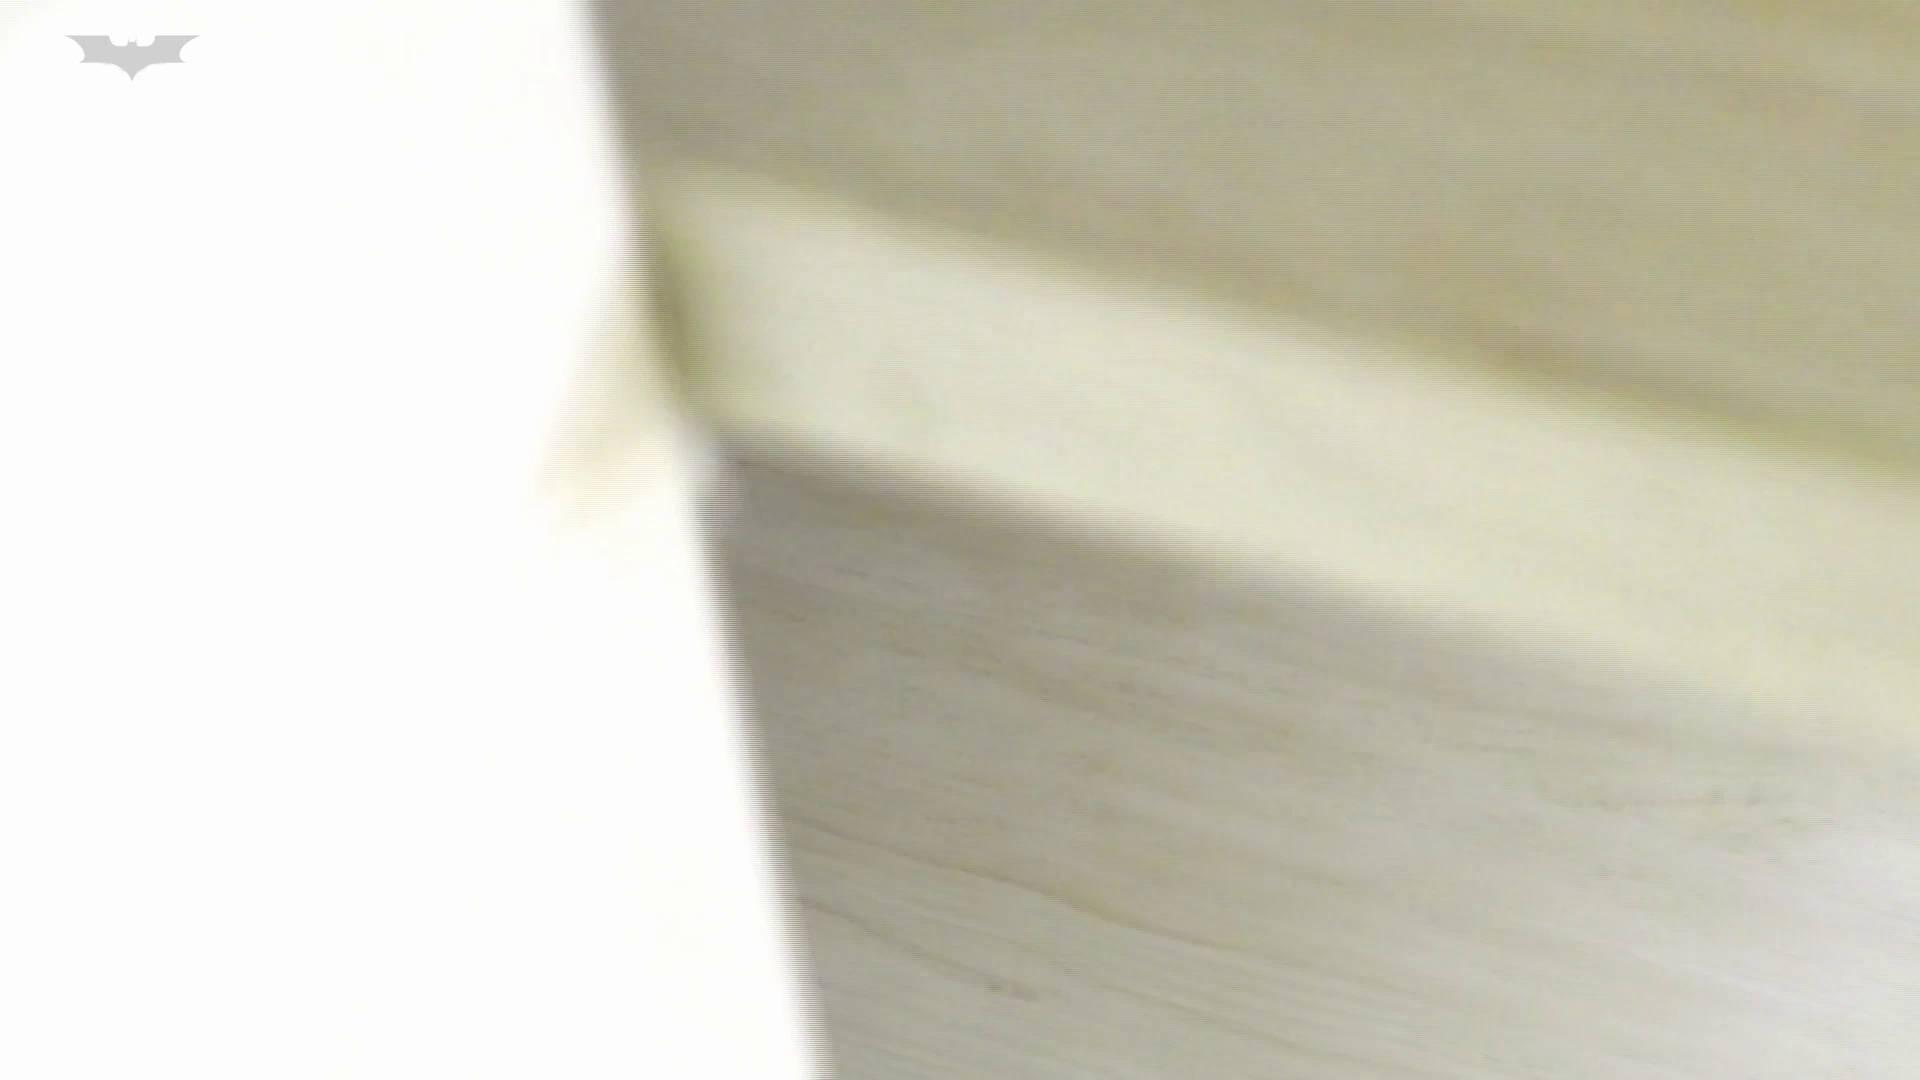 和式洋式七変化 Vol.31 洋式だけど丸見えですっ!! 洗面所 | OLの実態  53pic 13